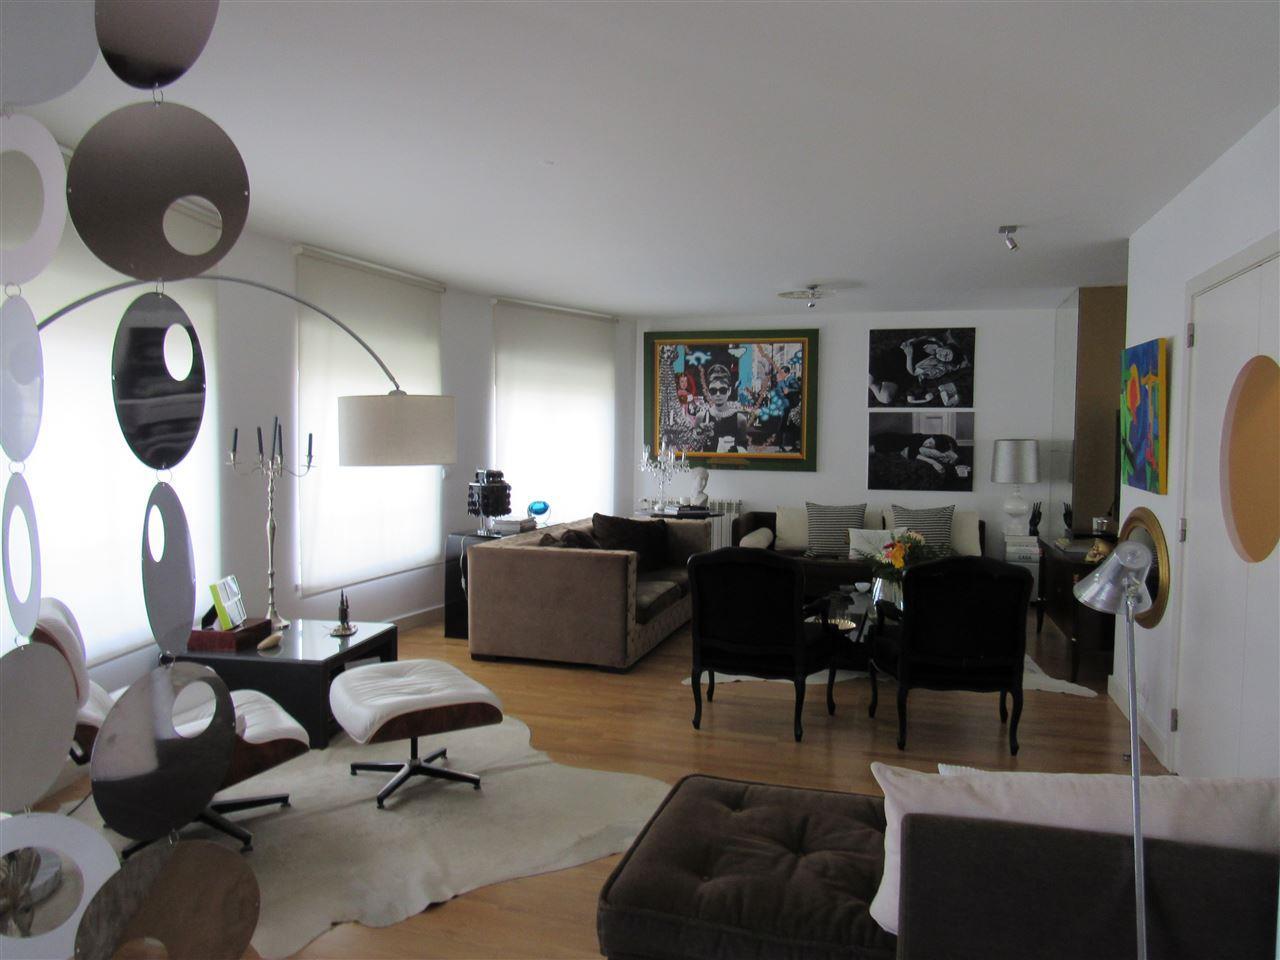 양면 인쇄 용 매매 에 Duplex, 5 bedrooms, for Sale Lisboa, 리스보아, 1050-175 포르투갈